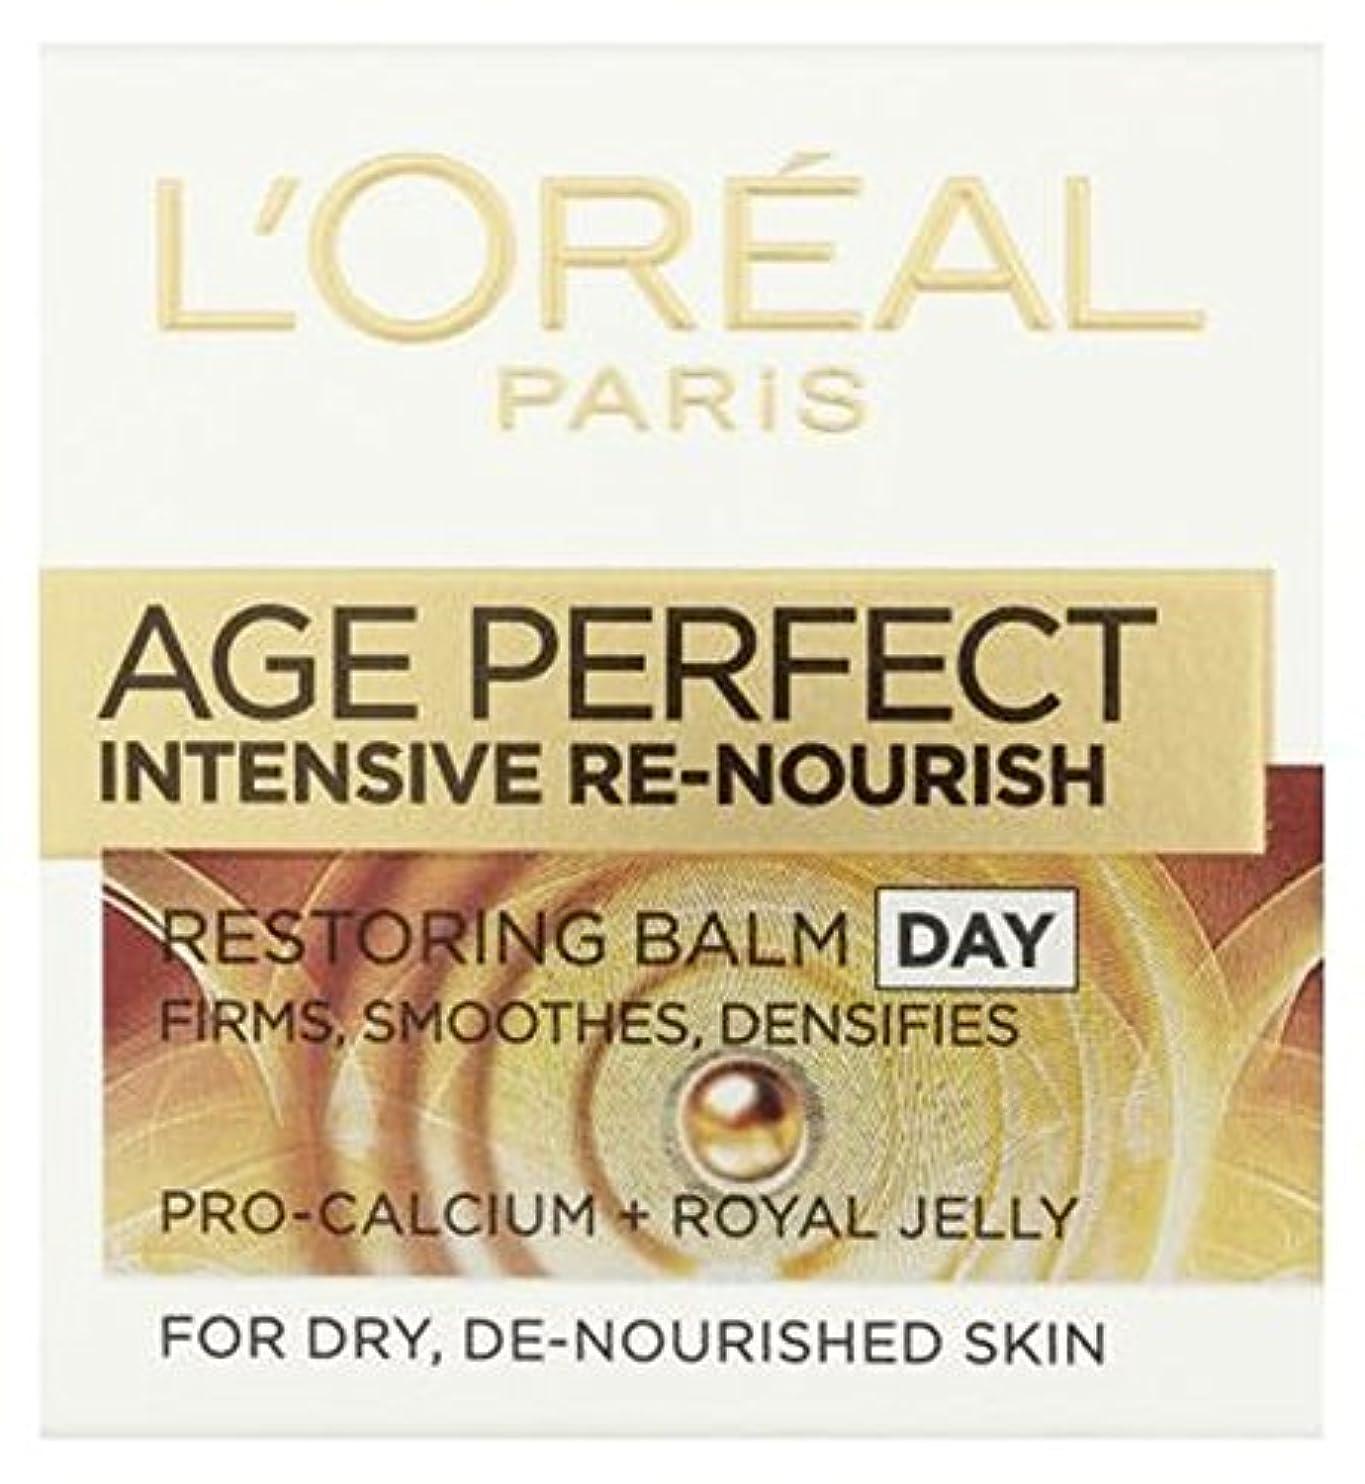 藤色キャンドル洋服ドライデ栄養を与え肌の50ミリリットルのためのL'Oreallパリ時代の完璧な集中的な再ナリッシュ復元バーム日 (L'Oreal) (x2) - L'Oreall Paris Age Perfect Intensive Re-Nourish Restoring Balm Day For Dry and De-Nourished Skin 50ml (Pack of 2) [並行輸入品]